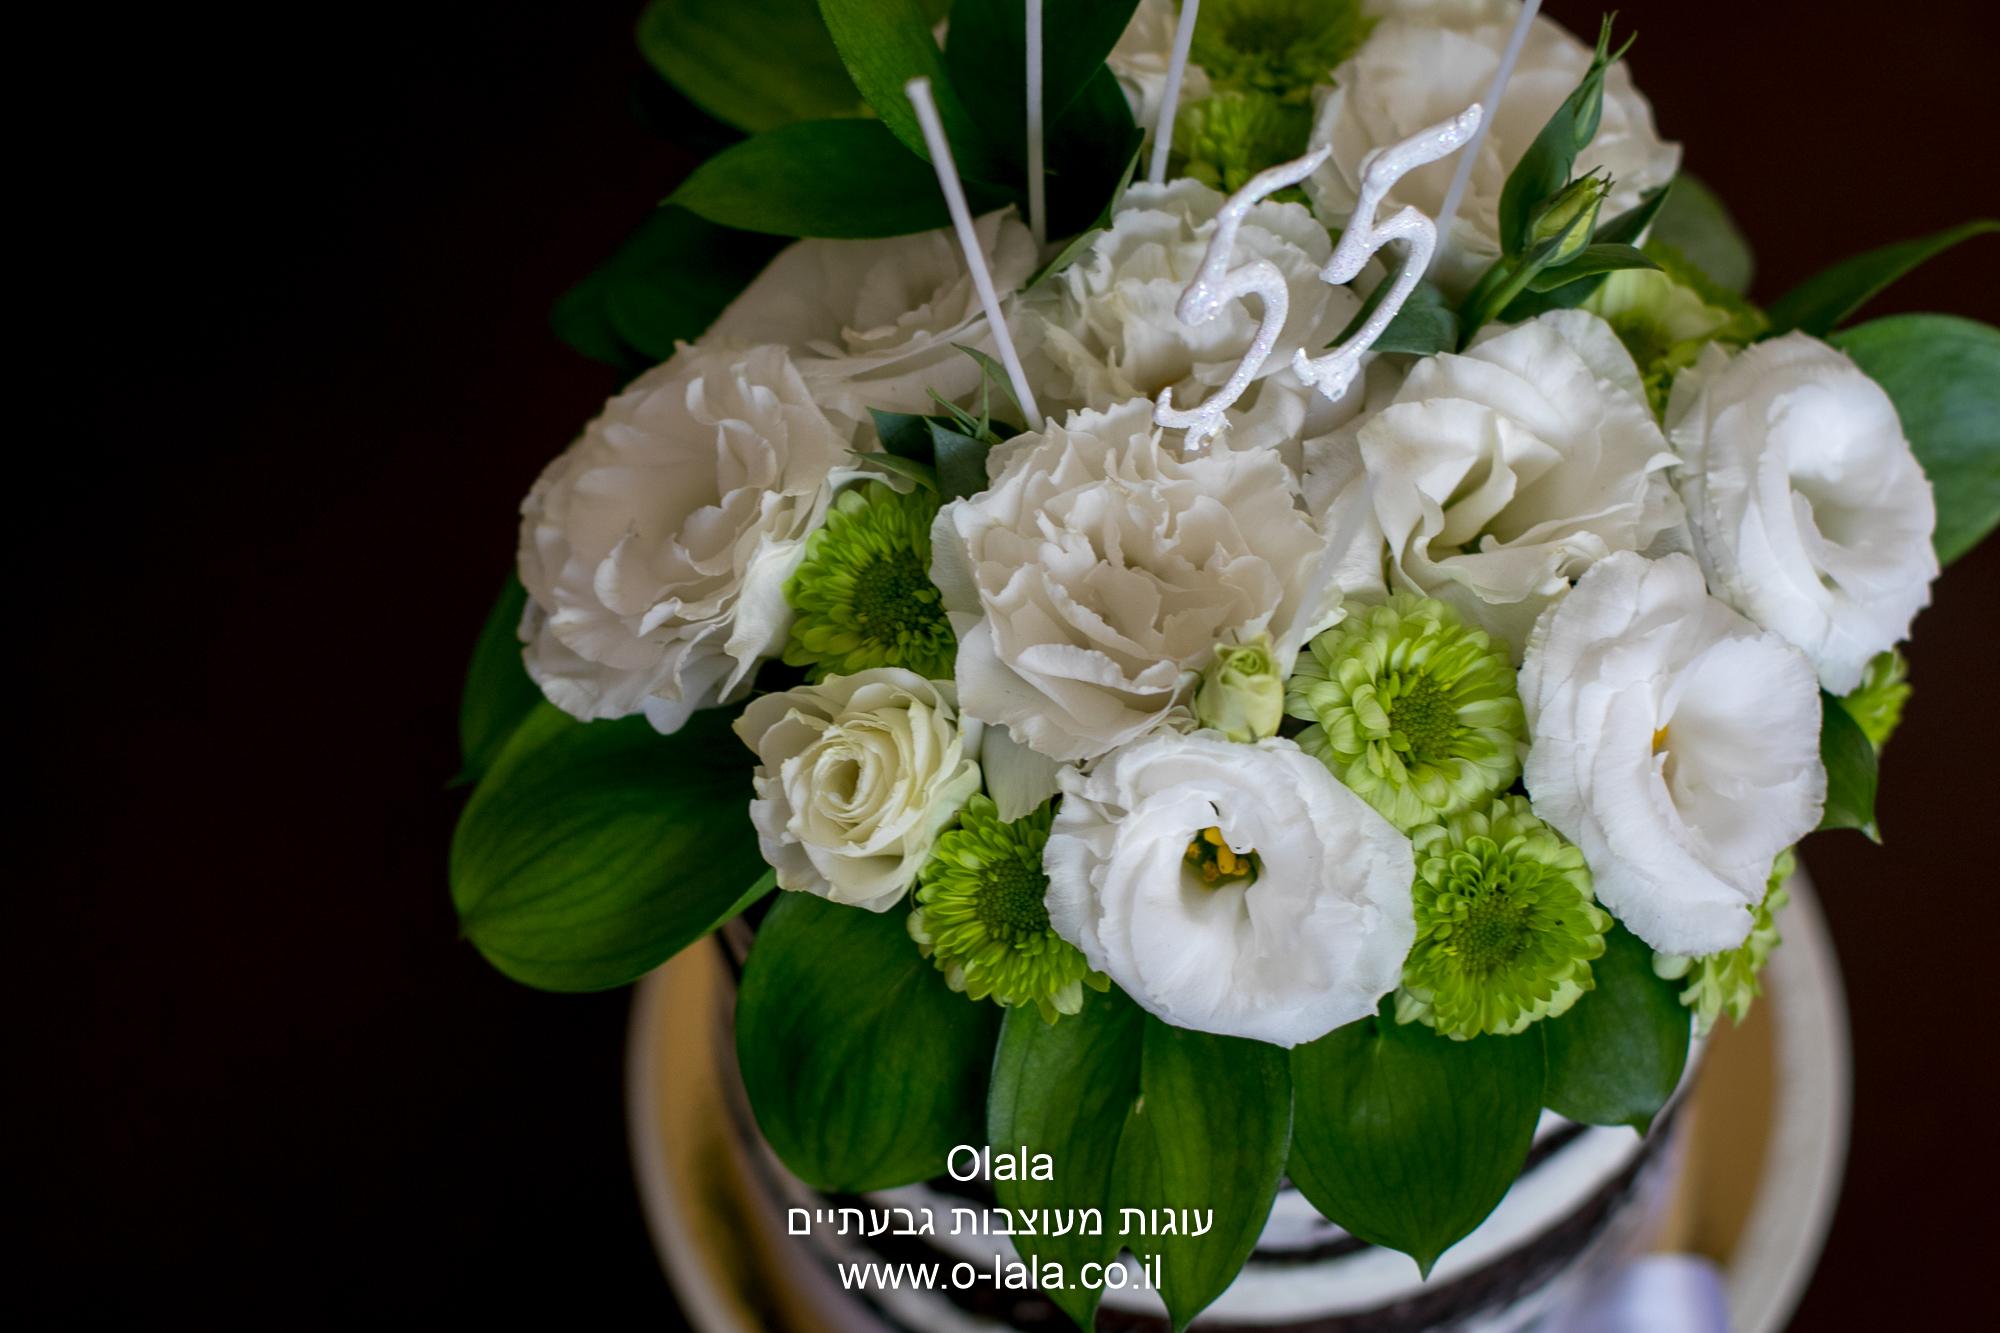 עוגת היער השחור עם פרחים טריים